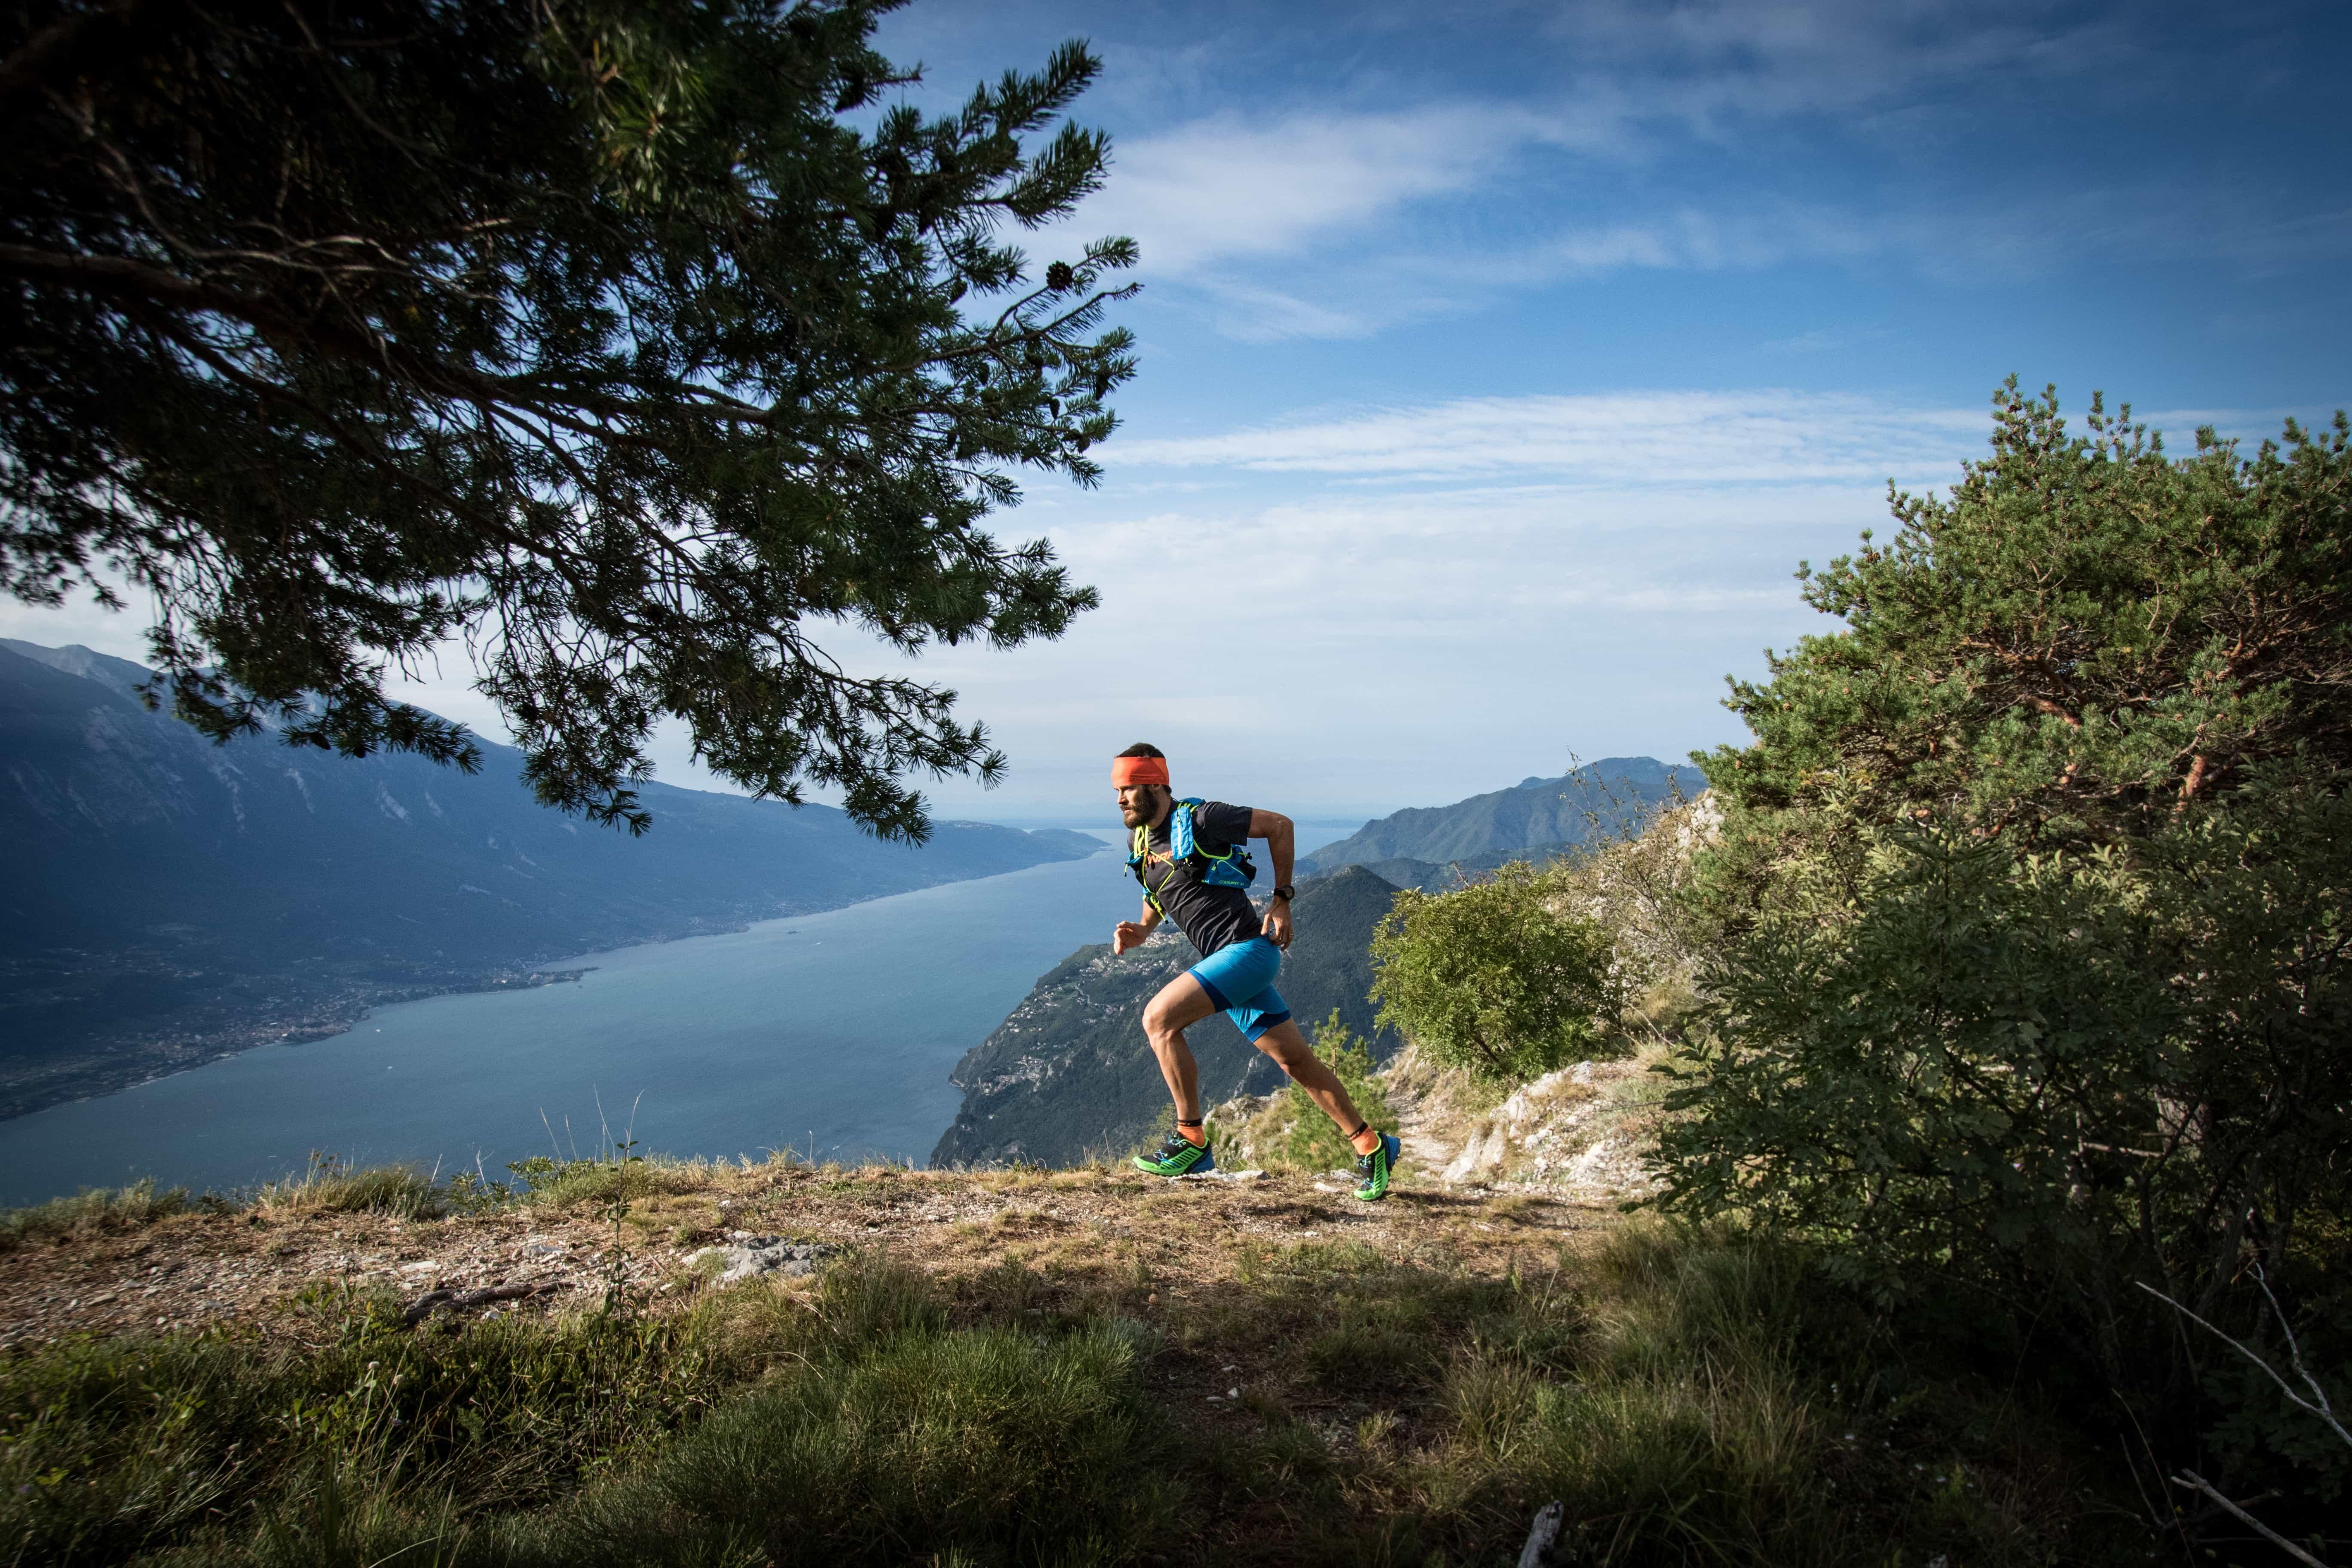 Sportlicher Mann joggt auf Bergpfad wischen Bäumen und Seeblick